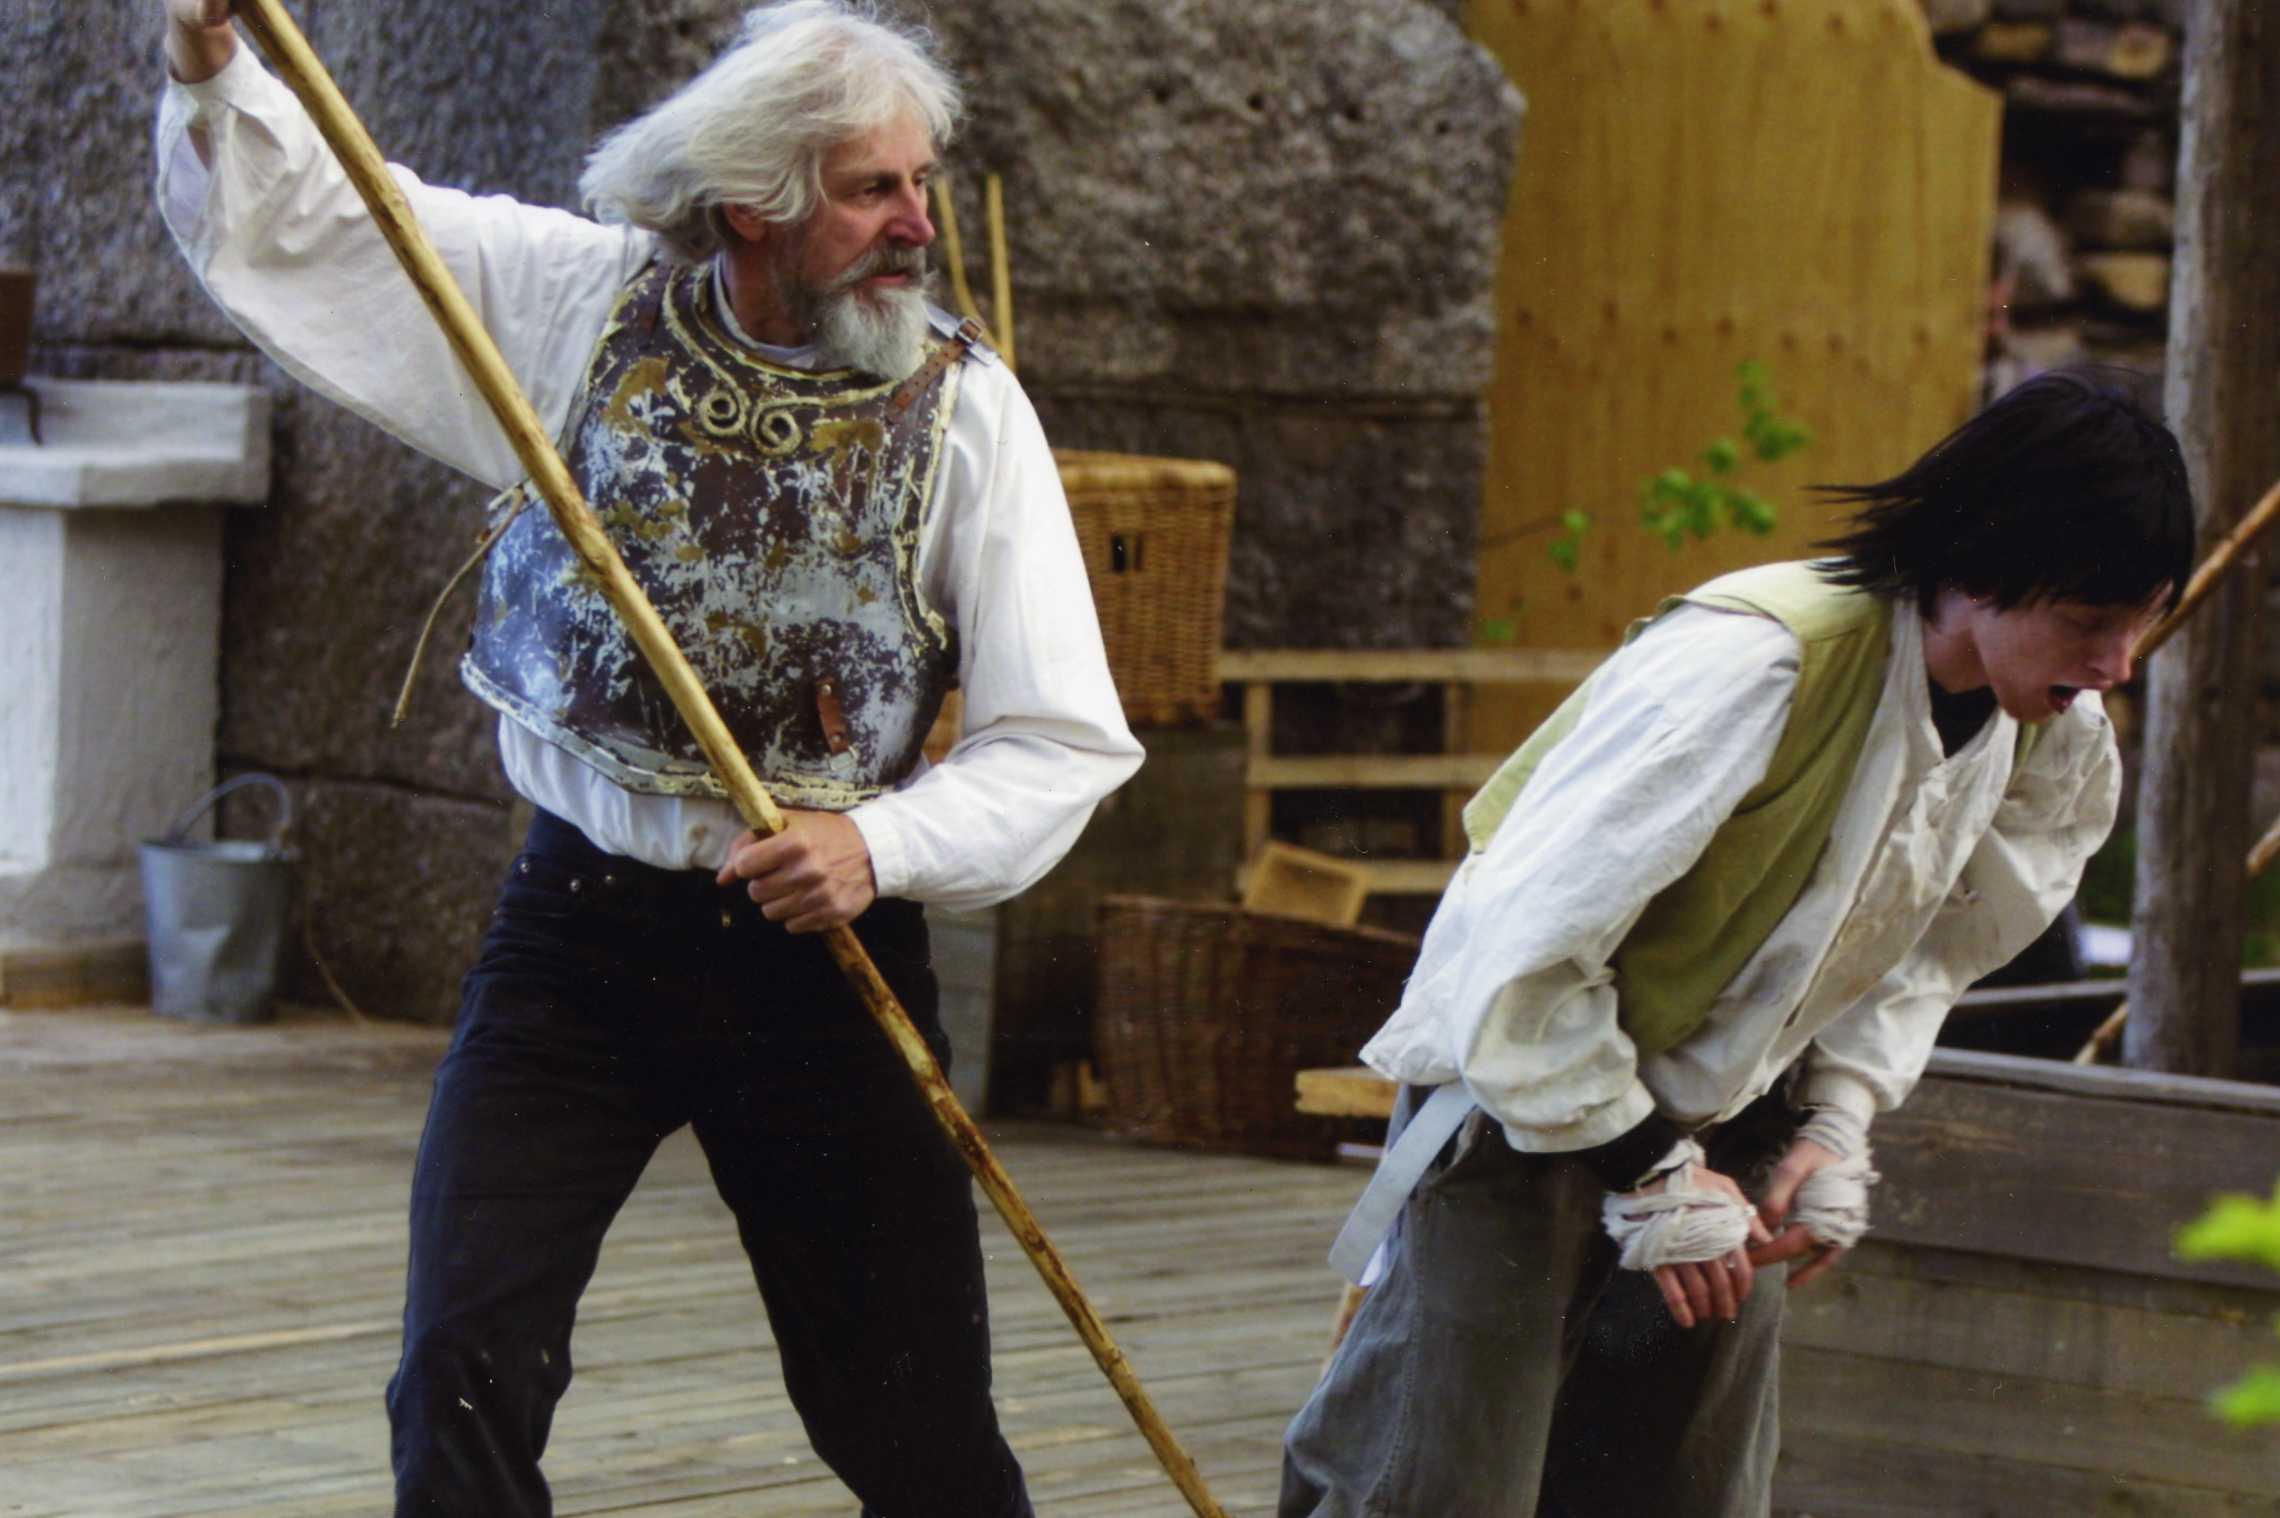 Don Quiotte I Mannen Från La Mancha